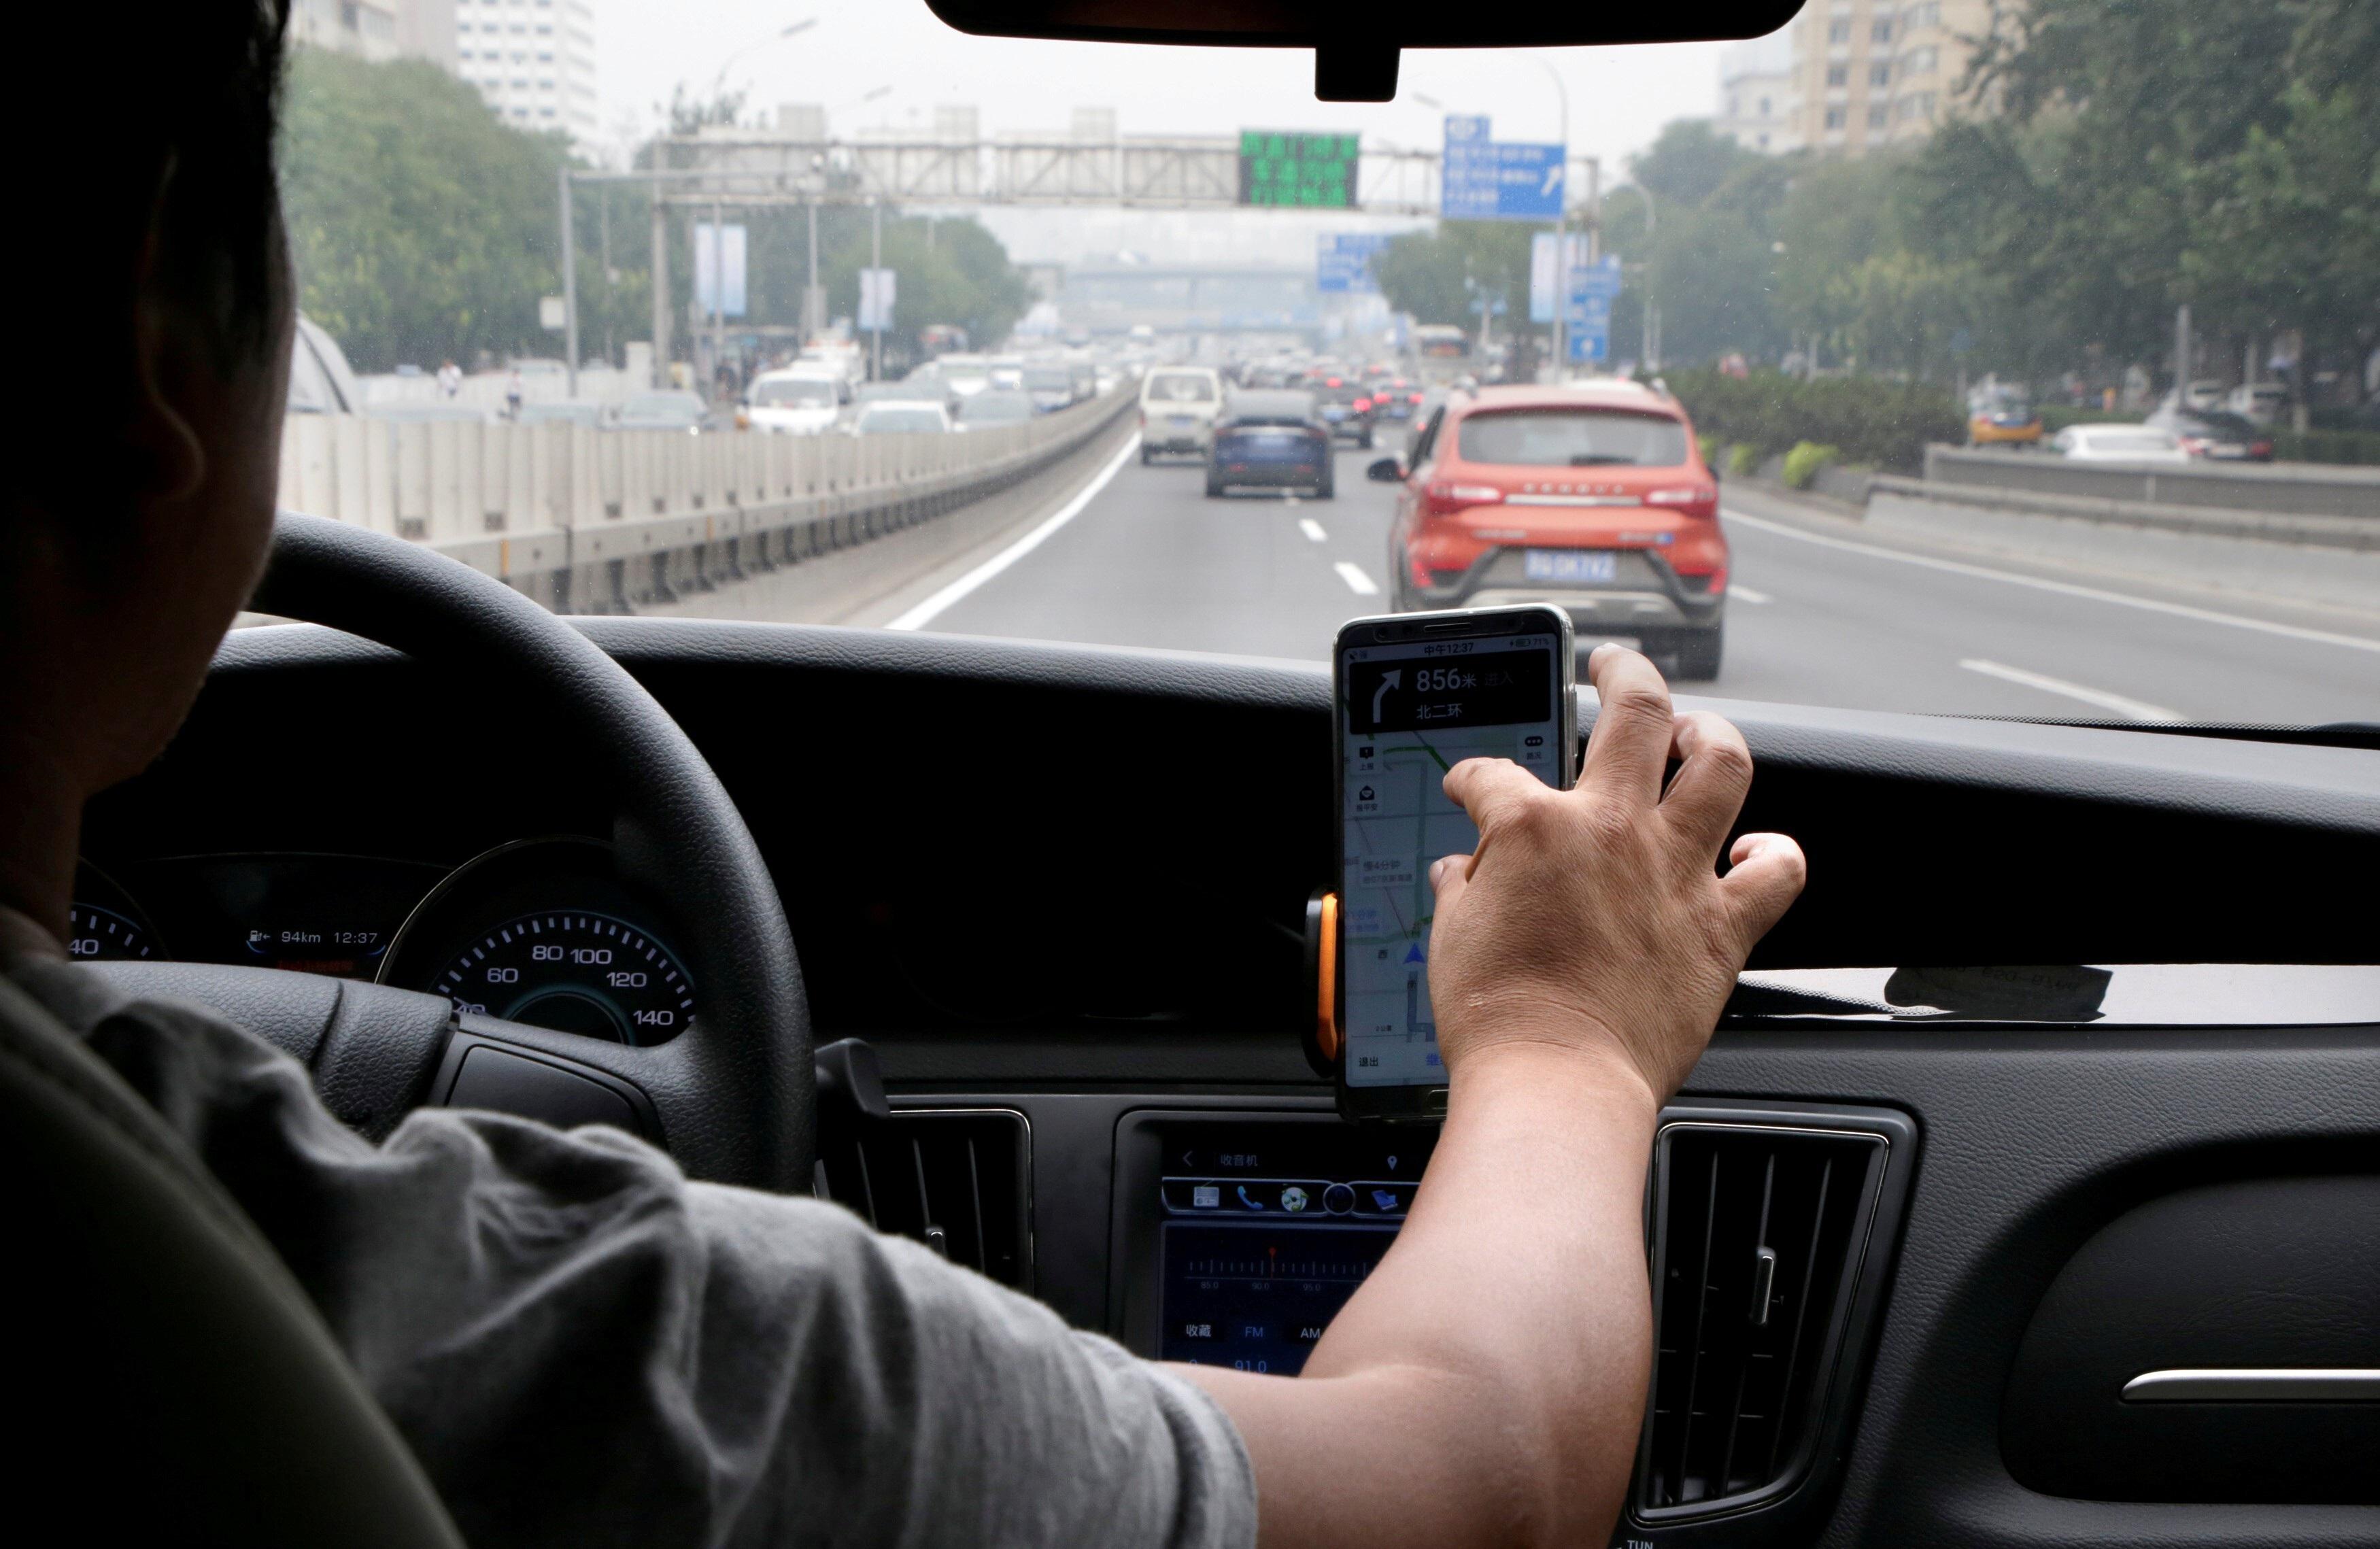 Trung Quốc chấn chỉnh một loạt hãng xe công nghệ về hoa hồng cho tài xế